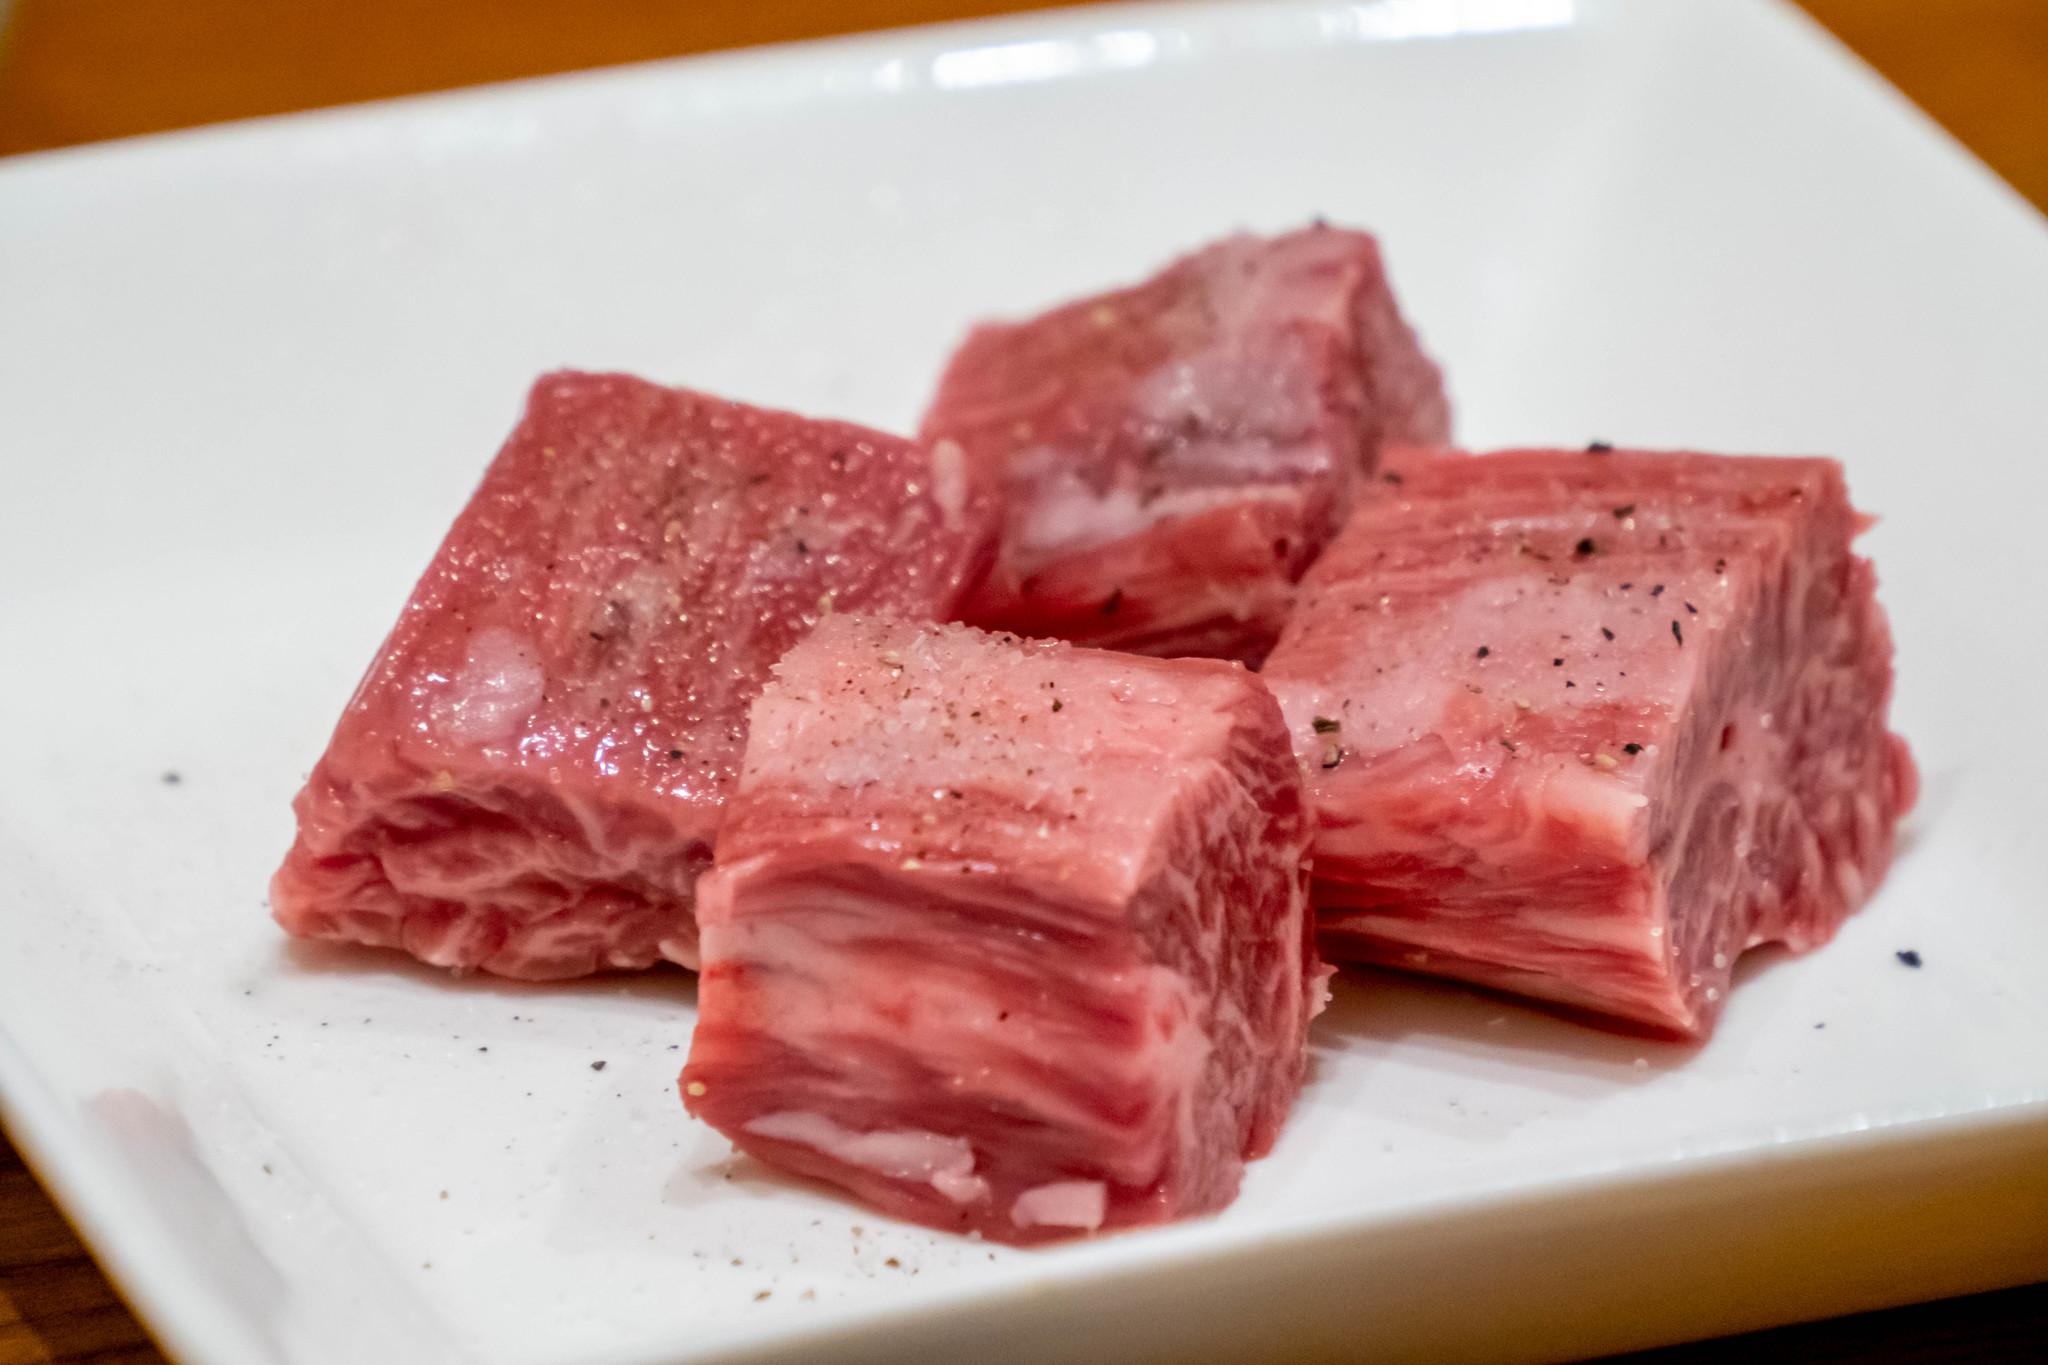 沖縄で黒毛和牛A5の焼肉を食べるなら 焼肉キッチンスタジアム黒5 那覇店